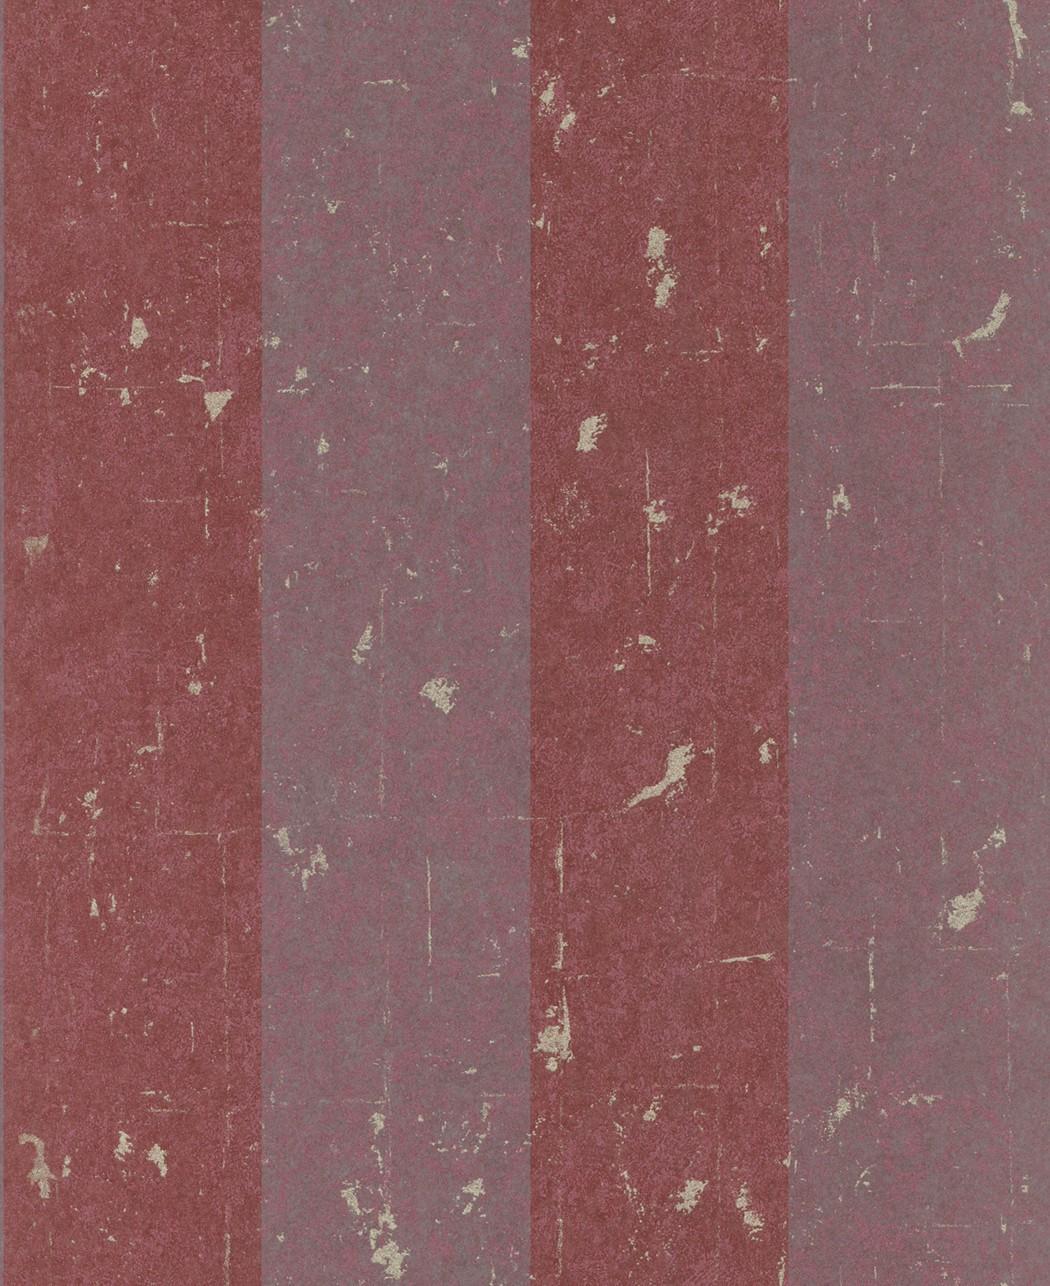 Tapete rasch textil tintura streifen rot 227337 for Tapete streifen rot